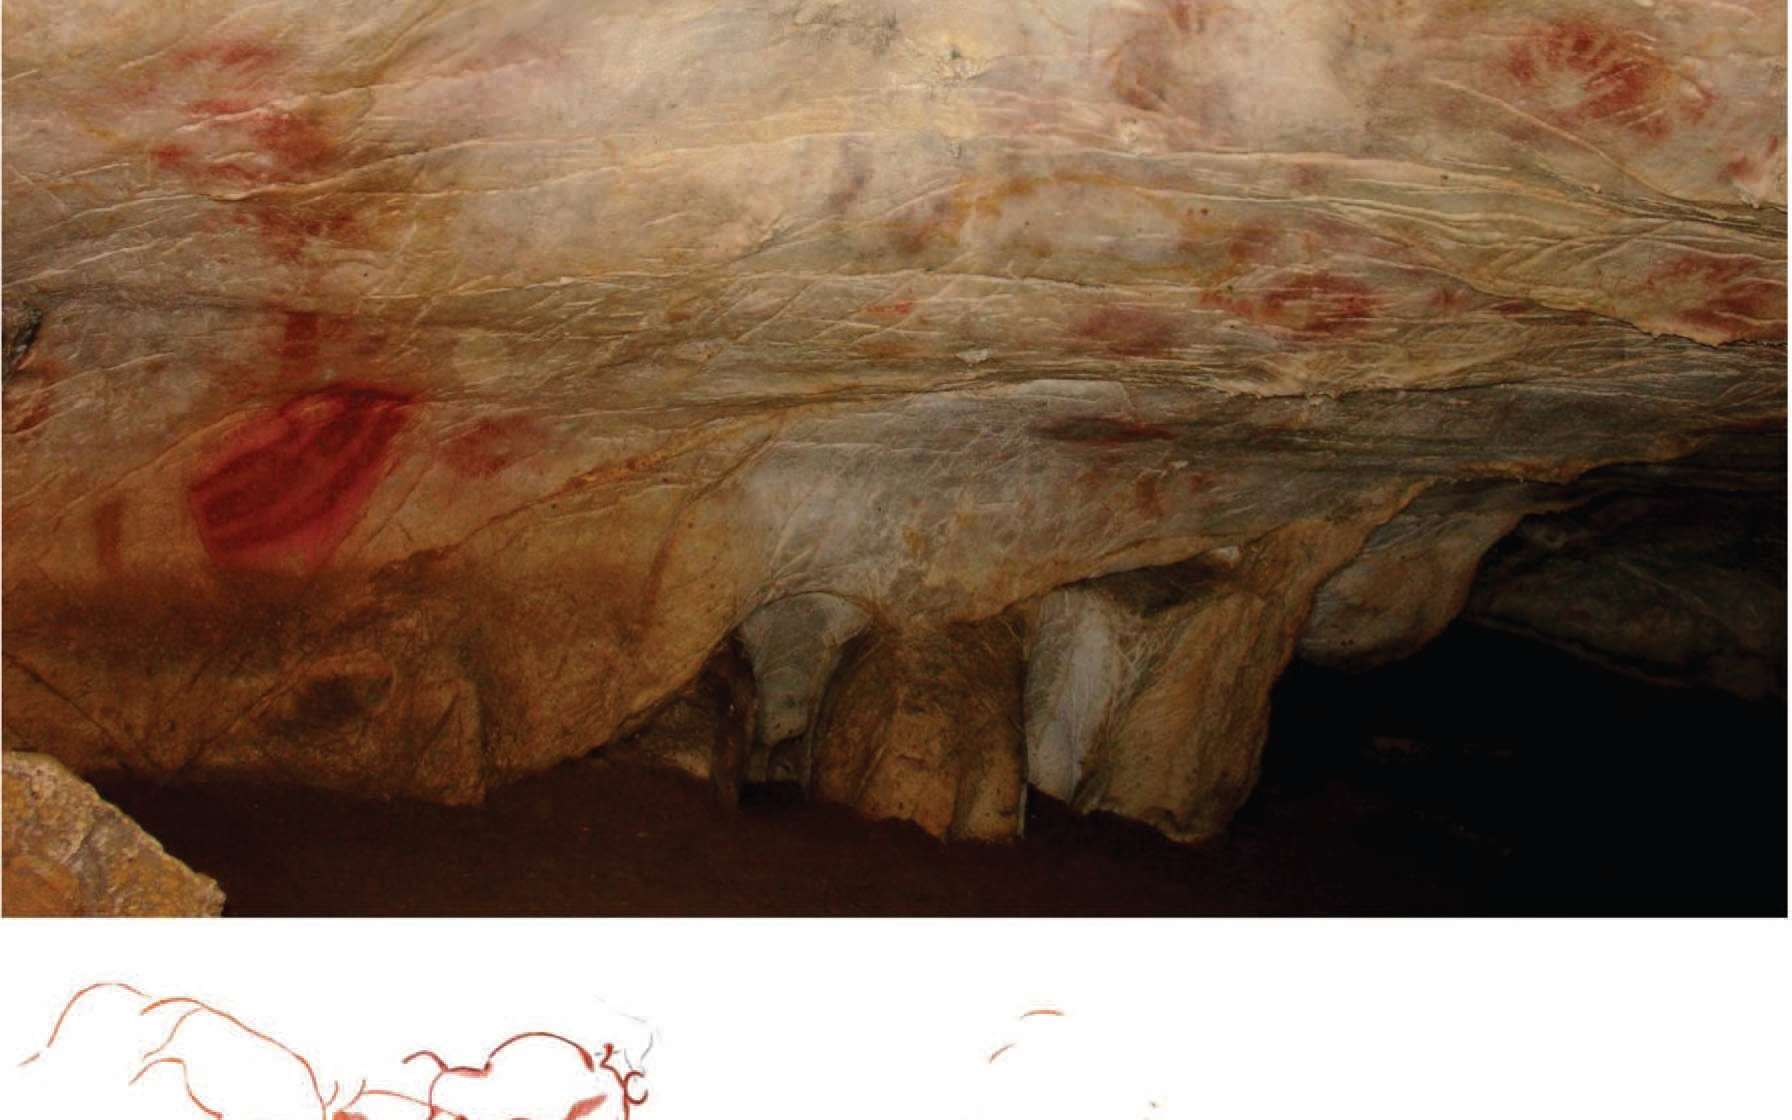 Les peintures rupestres O-83 seraient âgées d'au moins 40.800 ans. Elles ont été trouvées dans la grotte d'El Castillo (photographie du haut) dans le nord de l'Espagne. Elles ont été recouvertes par des empreintes de mains (O-82), visibles sur le schéma du bas, il y a au minimum 37.900 ans. © Pike et al. 2012, Science